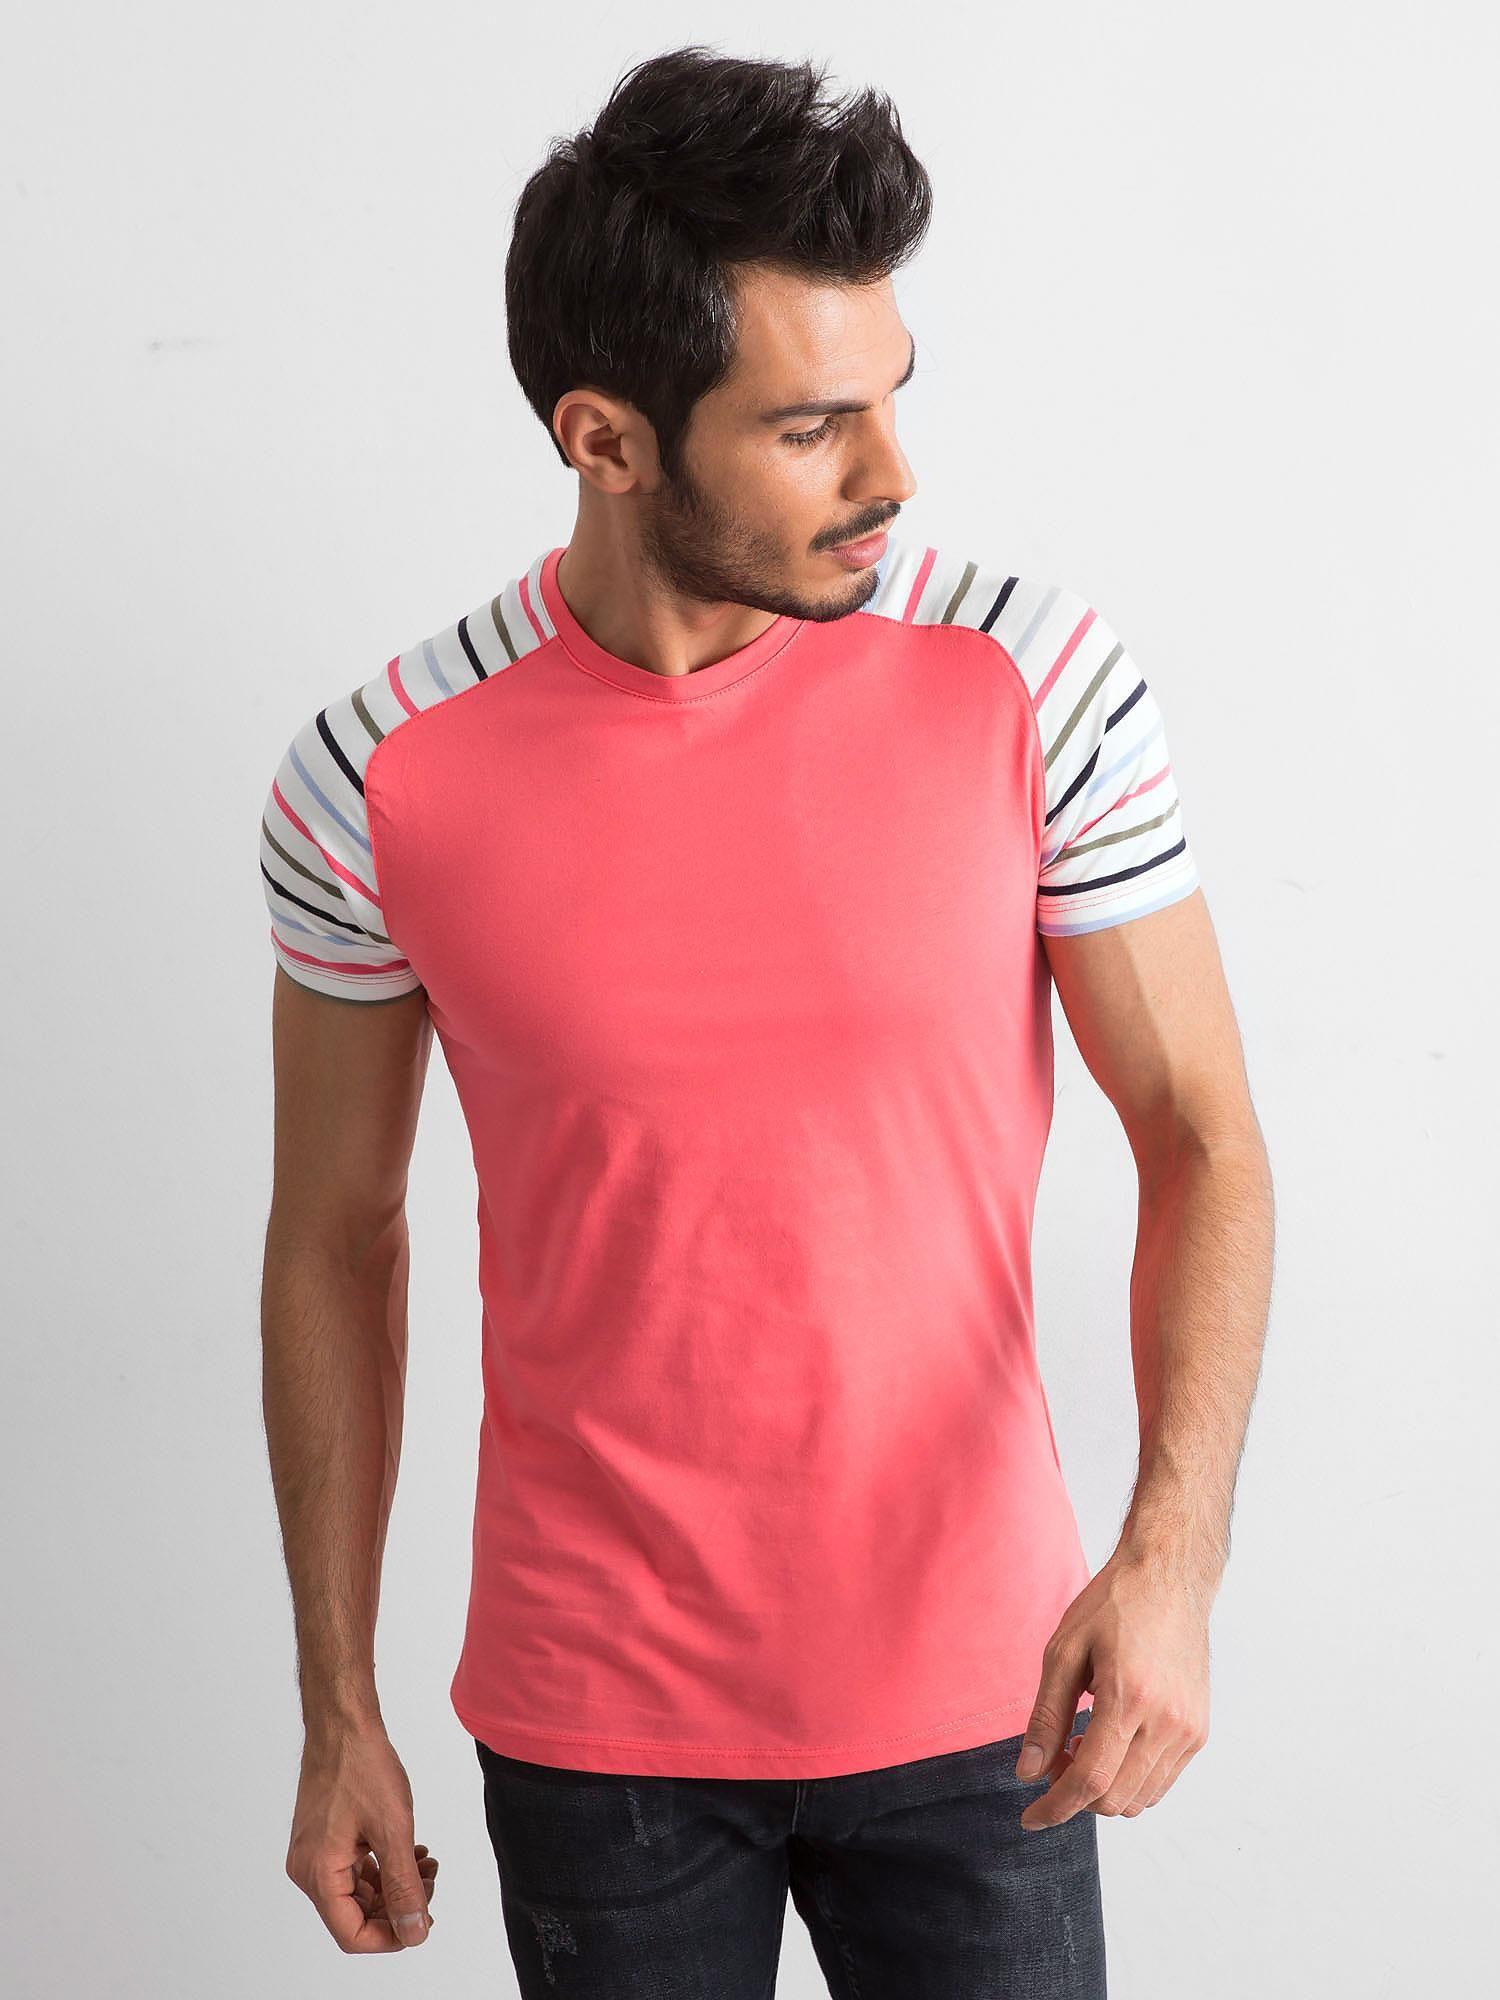 Pánské tričko s pruhy na rukávech, korálové